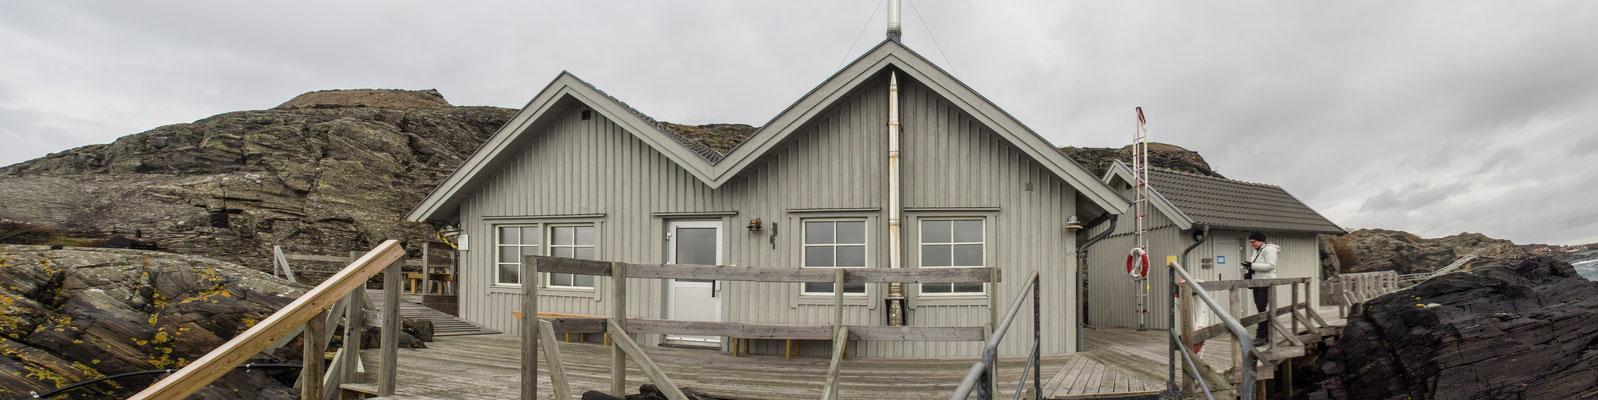 Bild: Die Hütte